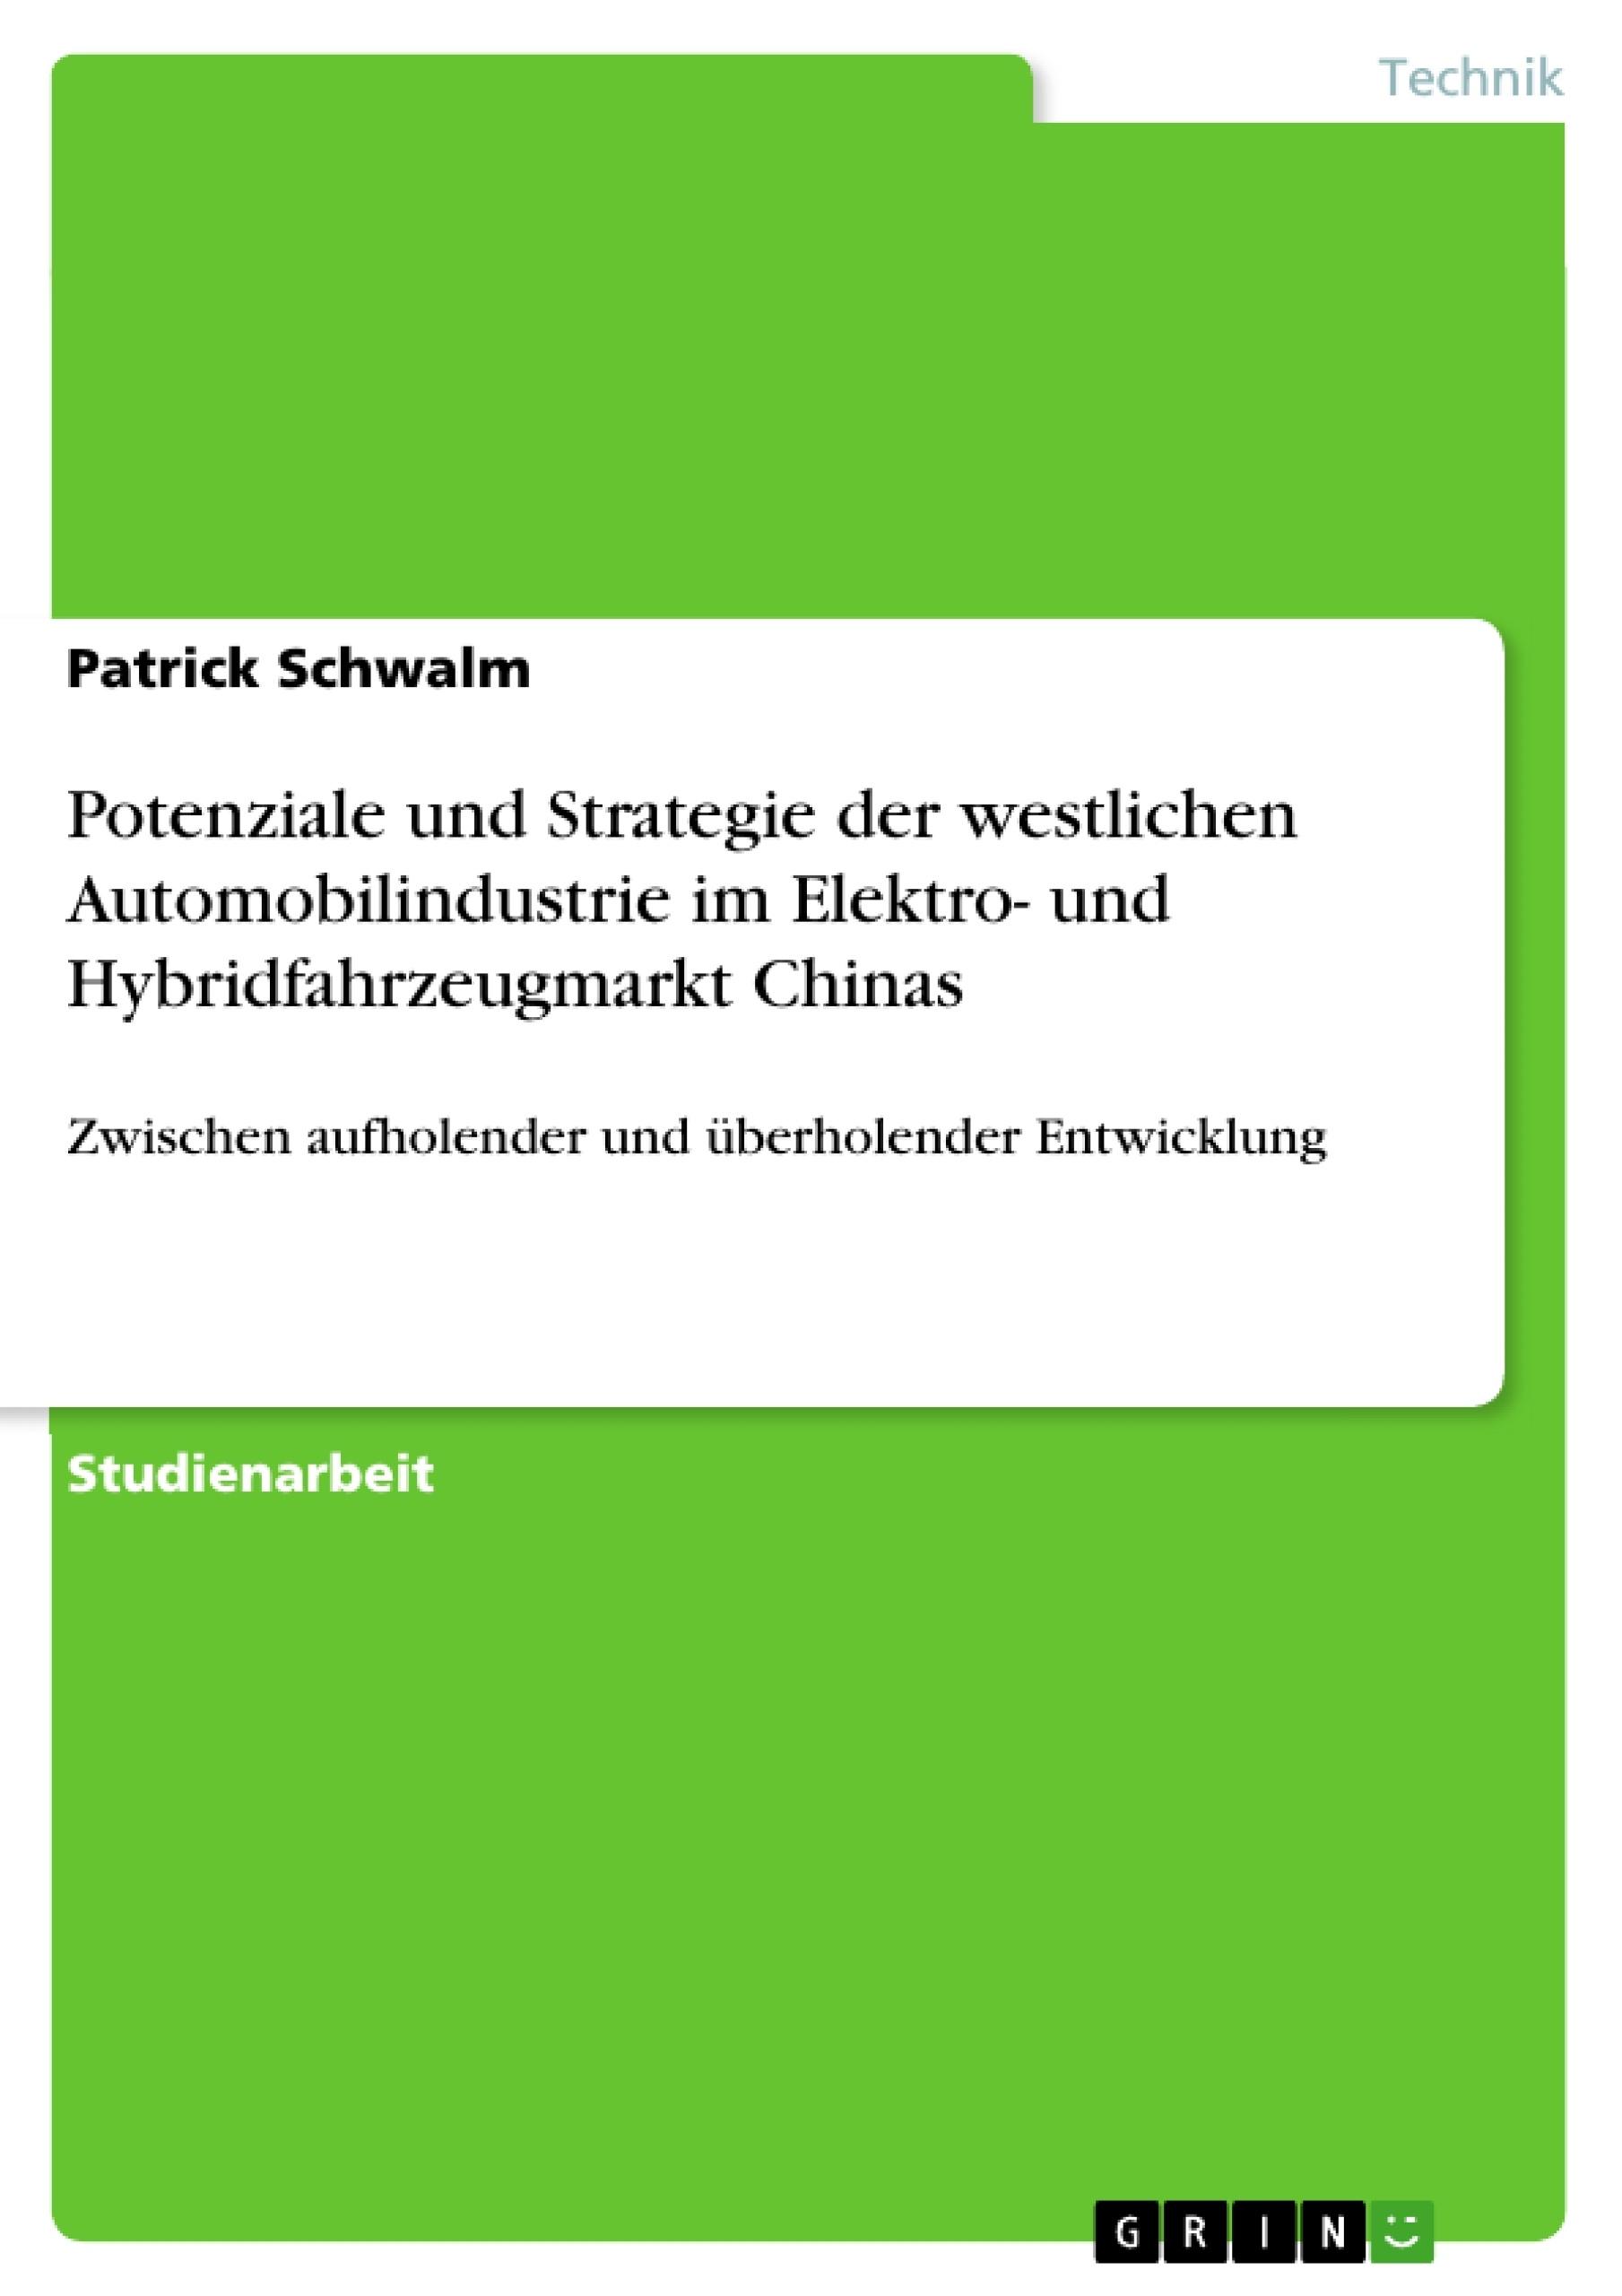 Titel: Potenziale und Strategie der westlichen Automobilindustrie im Elektro- und Hybridfahrzeugmarkt Chinas